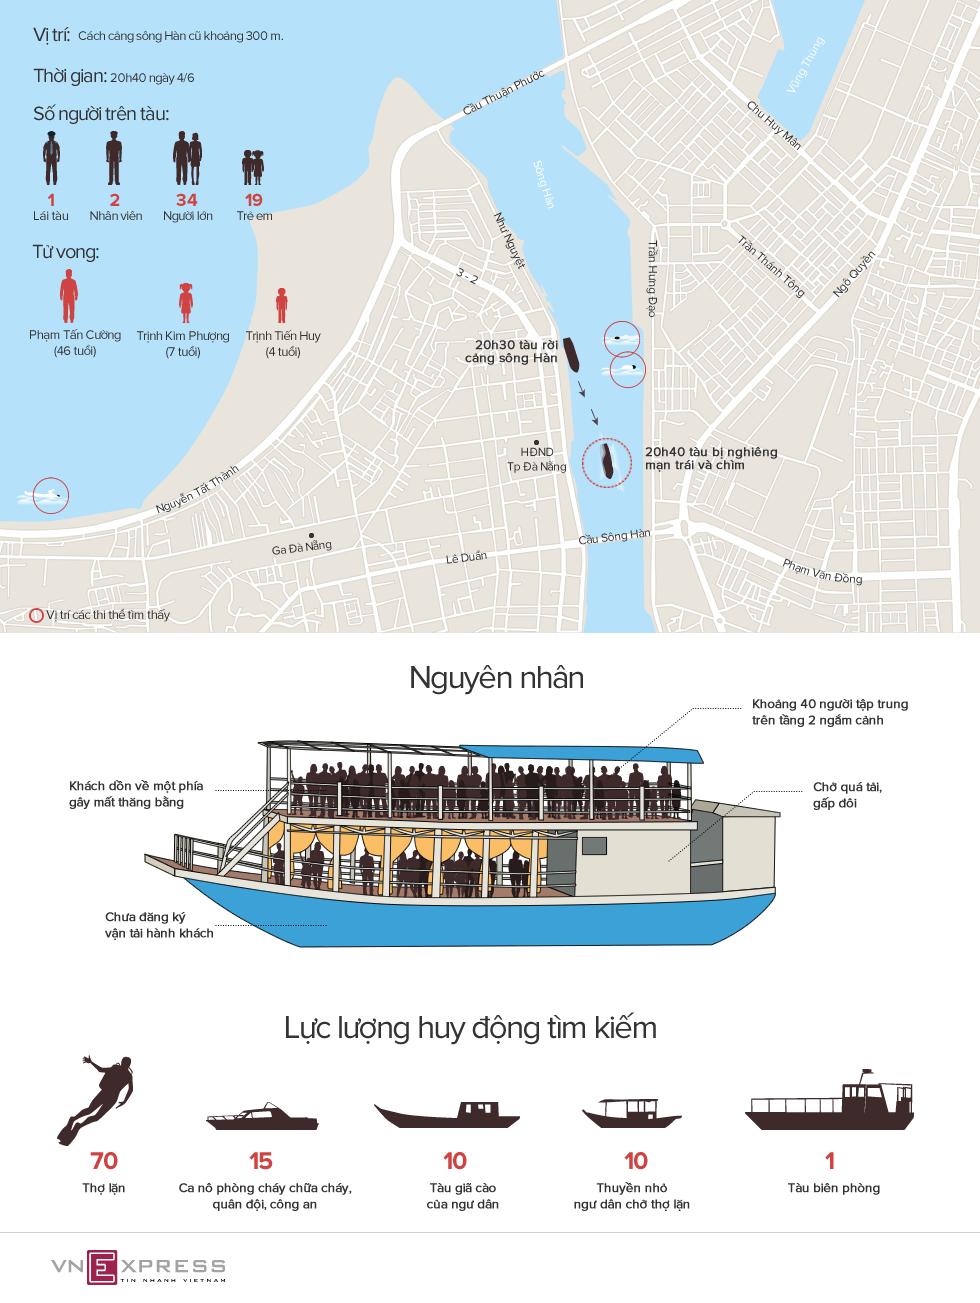 Tàu chở 56 người lật trên sông Hàn như thế nào 1